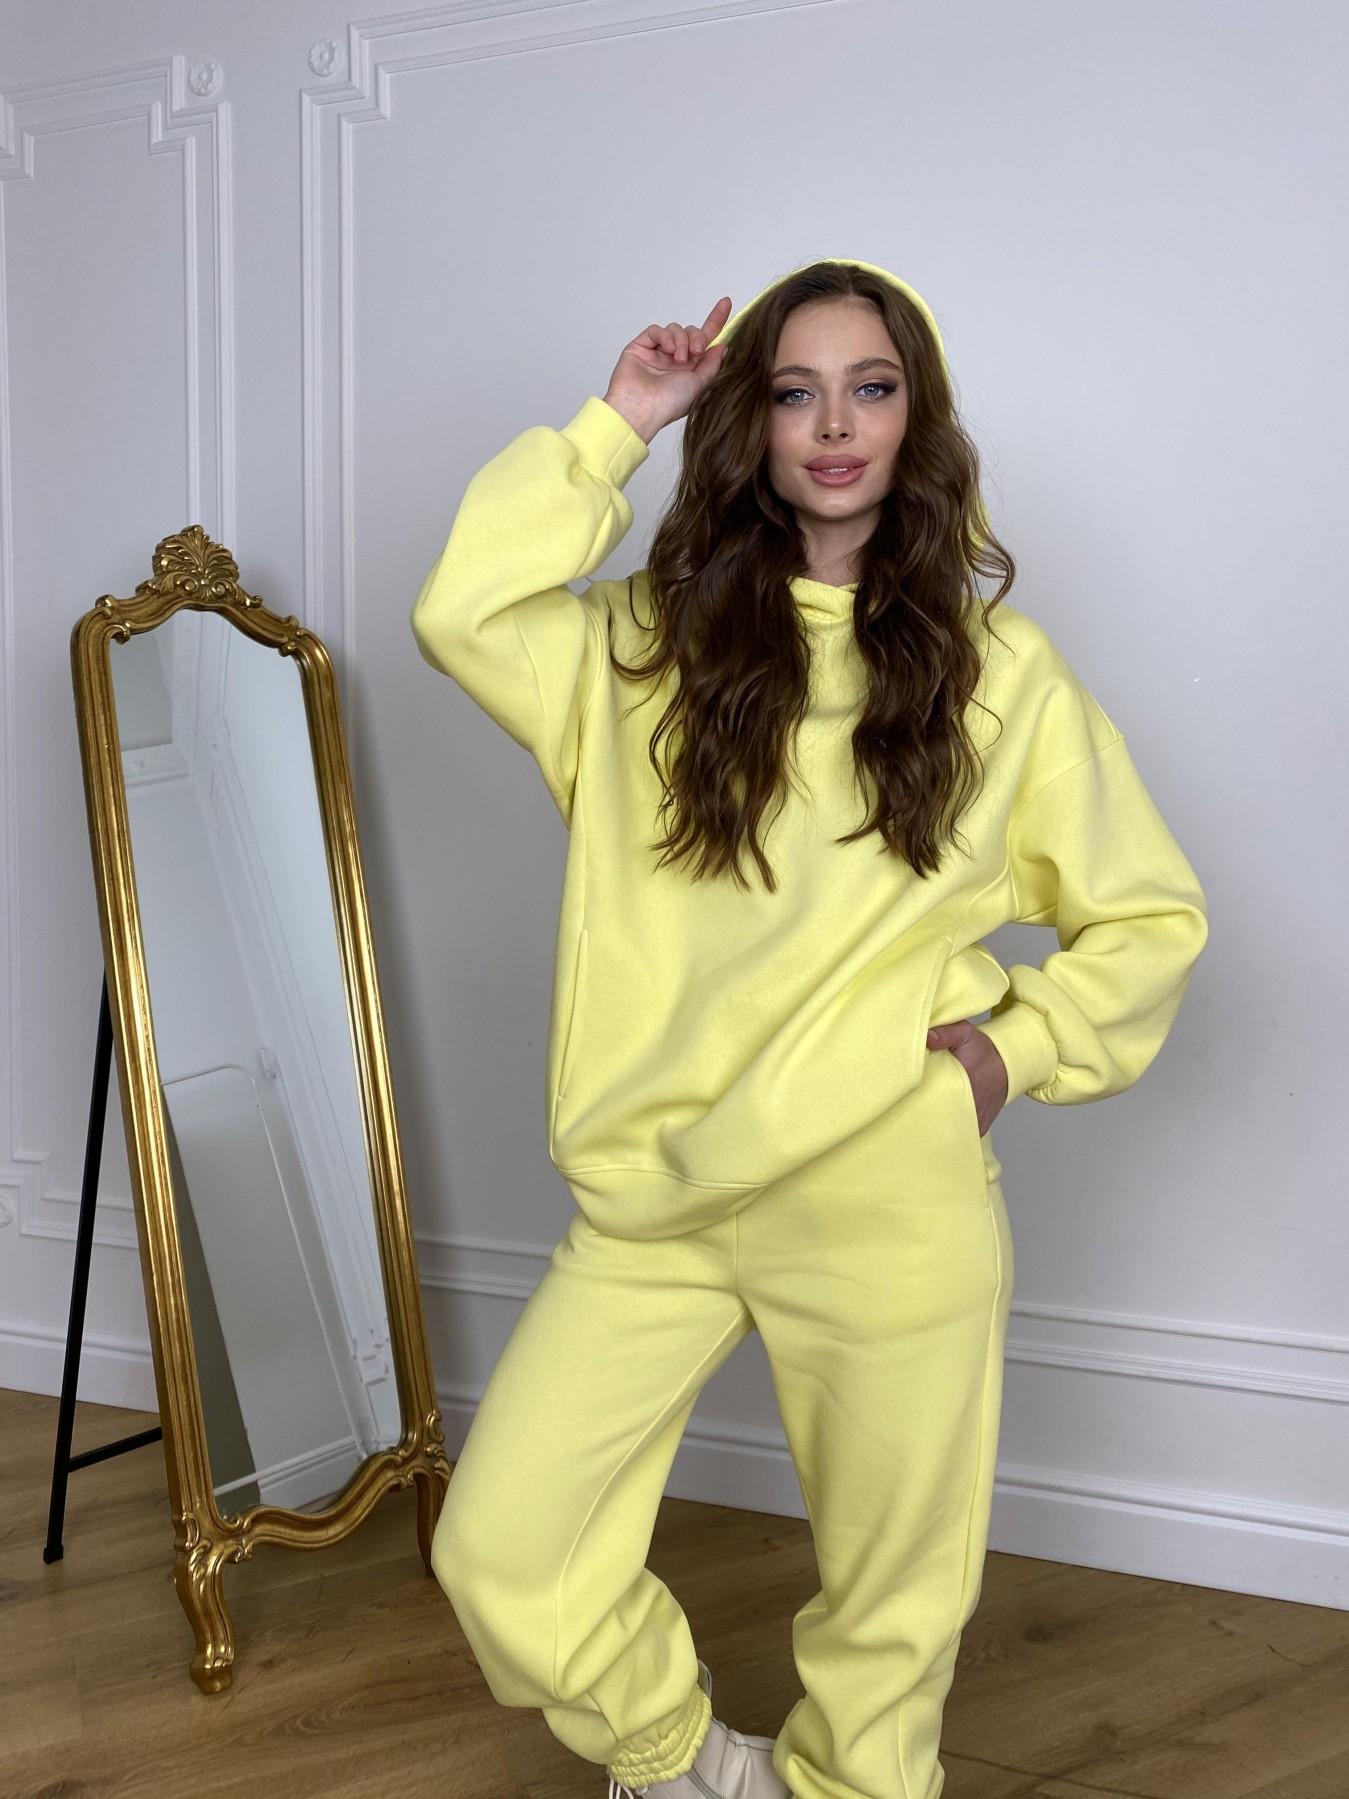 Марион костюм в  стиле Oversize  3х нитка 9651 АРТ. 46905 Цвет: Лимон - фото 2, интернет магазин tm-modus.ru